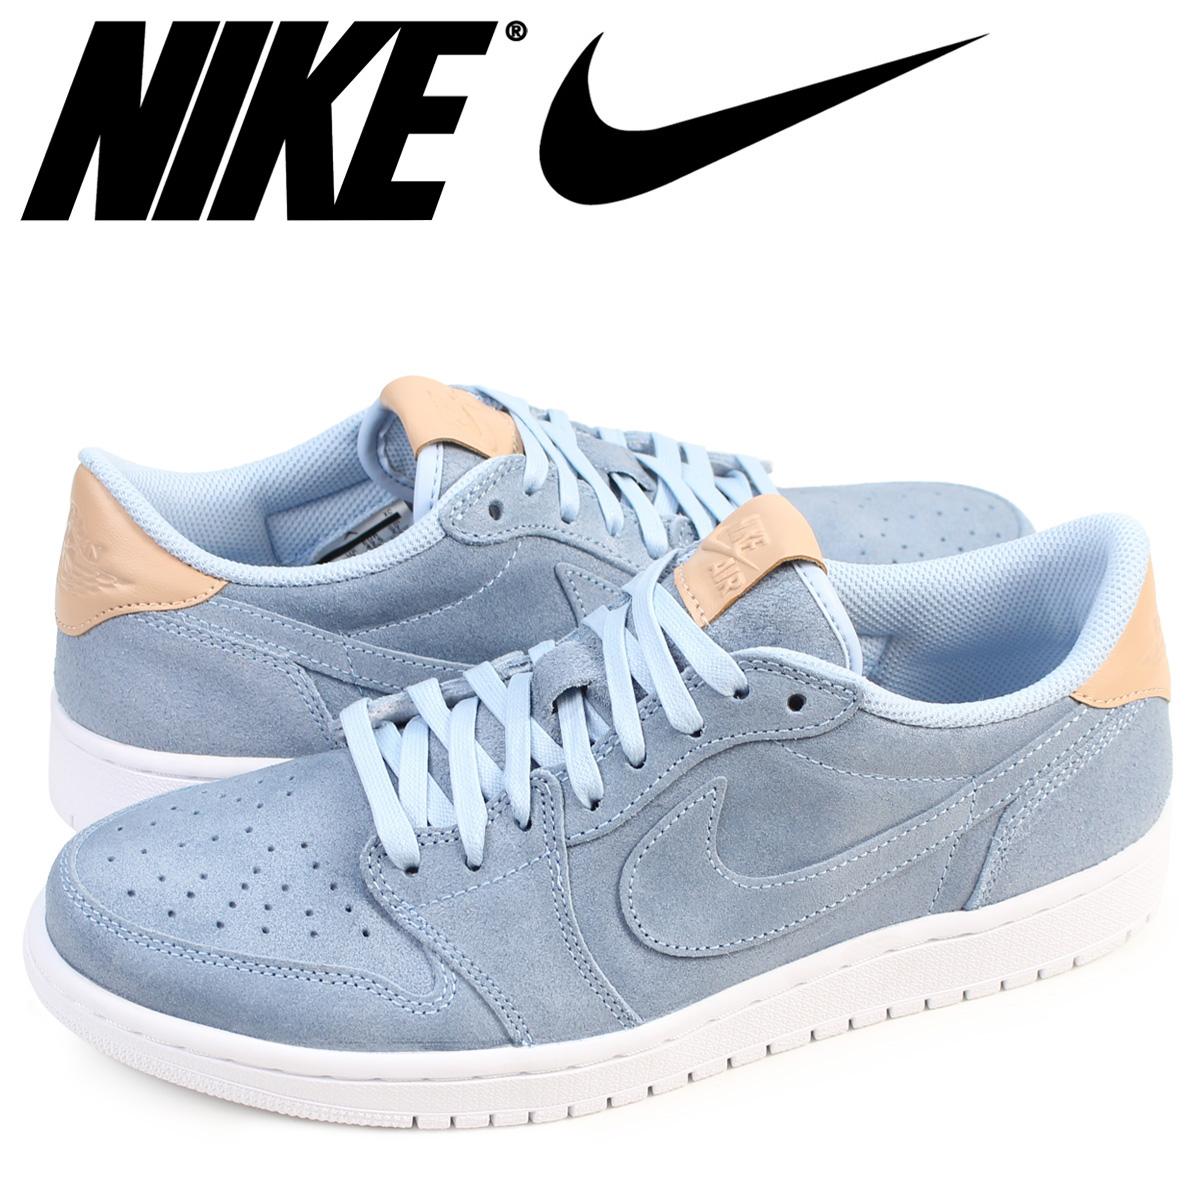 cb9a90472949 Nike NIKE Air Jordan sneakers AIR JORDAN 1 RETRO LOW OG PREMIUM men low  905